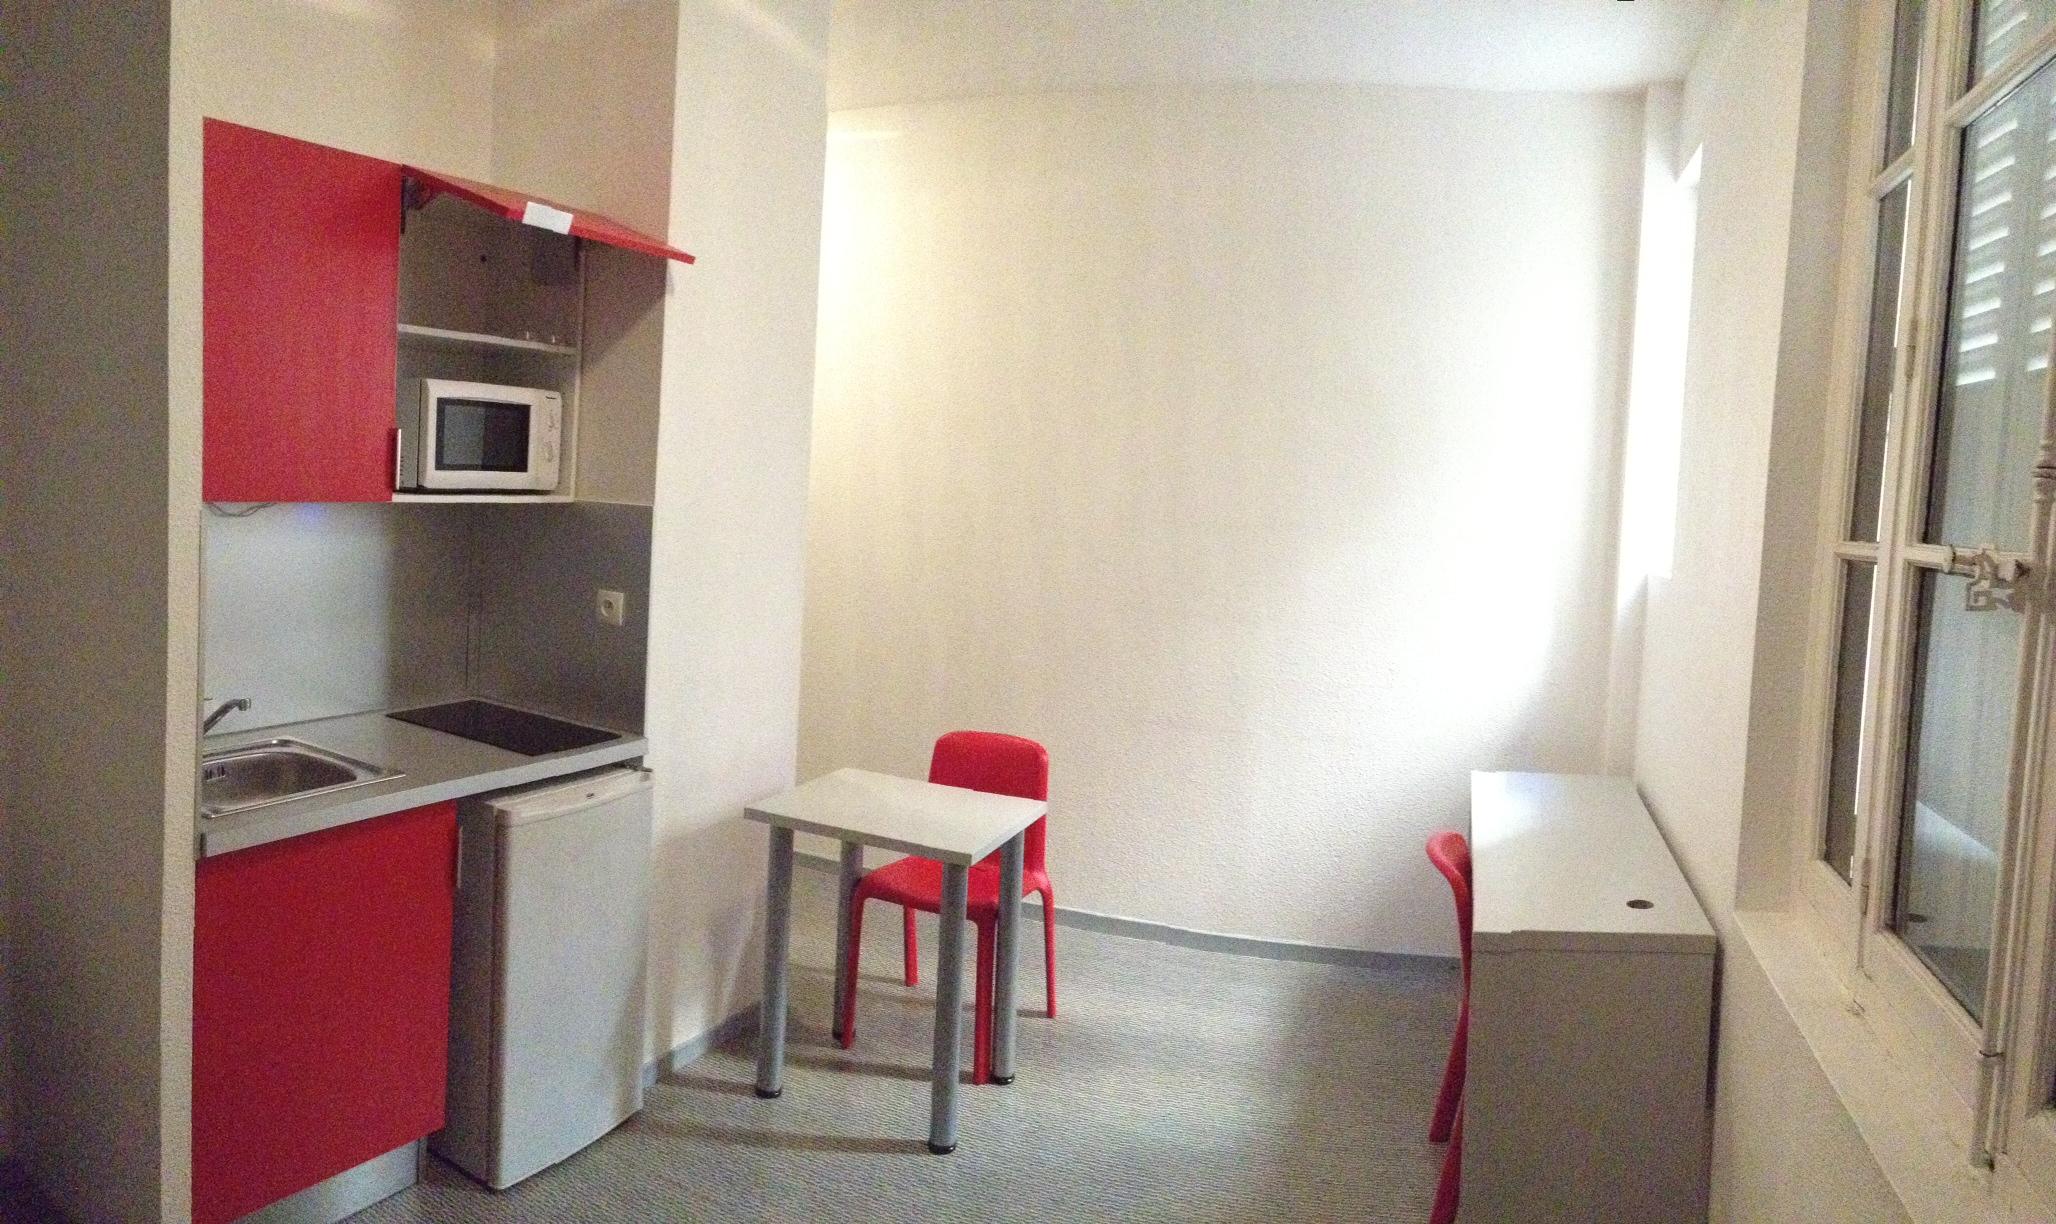 stendhal 38000 grenoble r sidence service tudiant. Black Bedroom Furniture Sets. Home Design Ideas